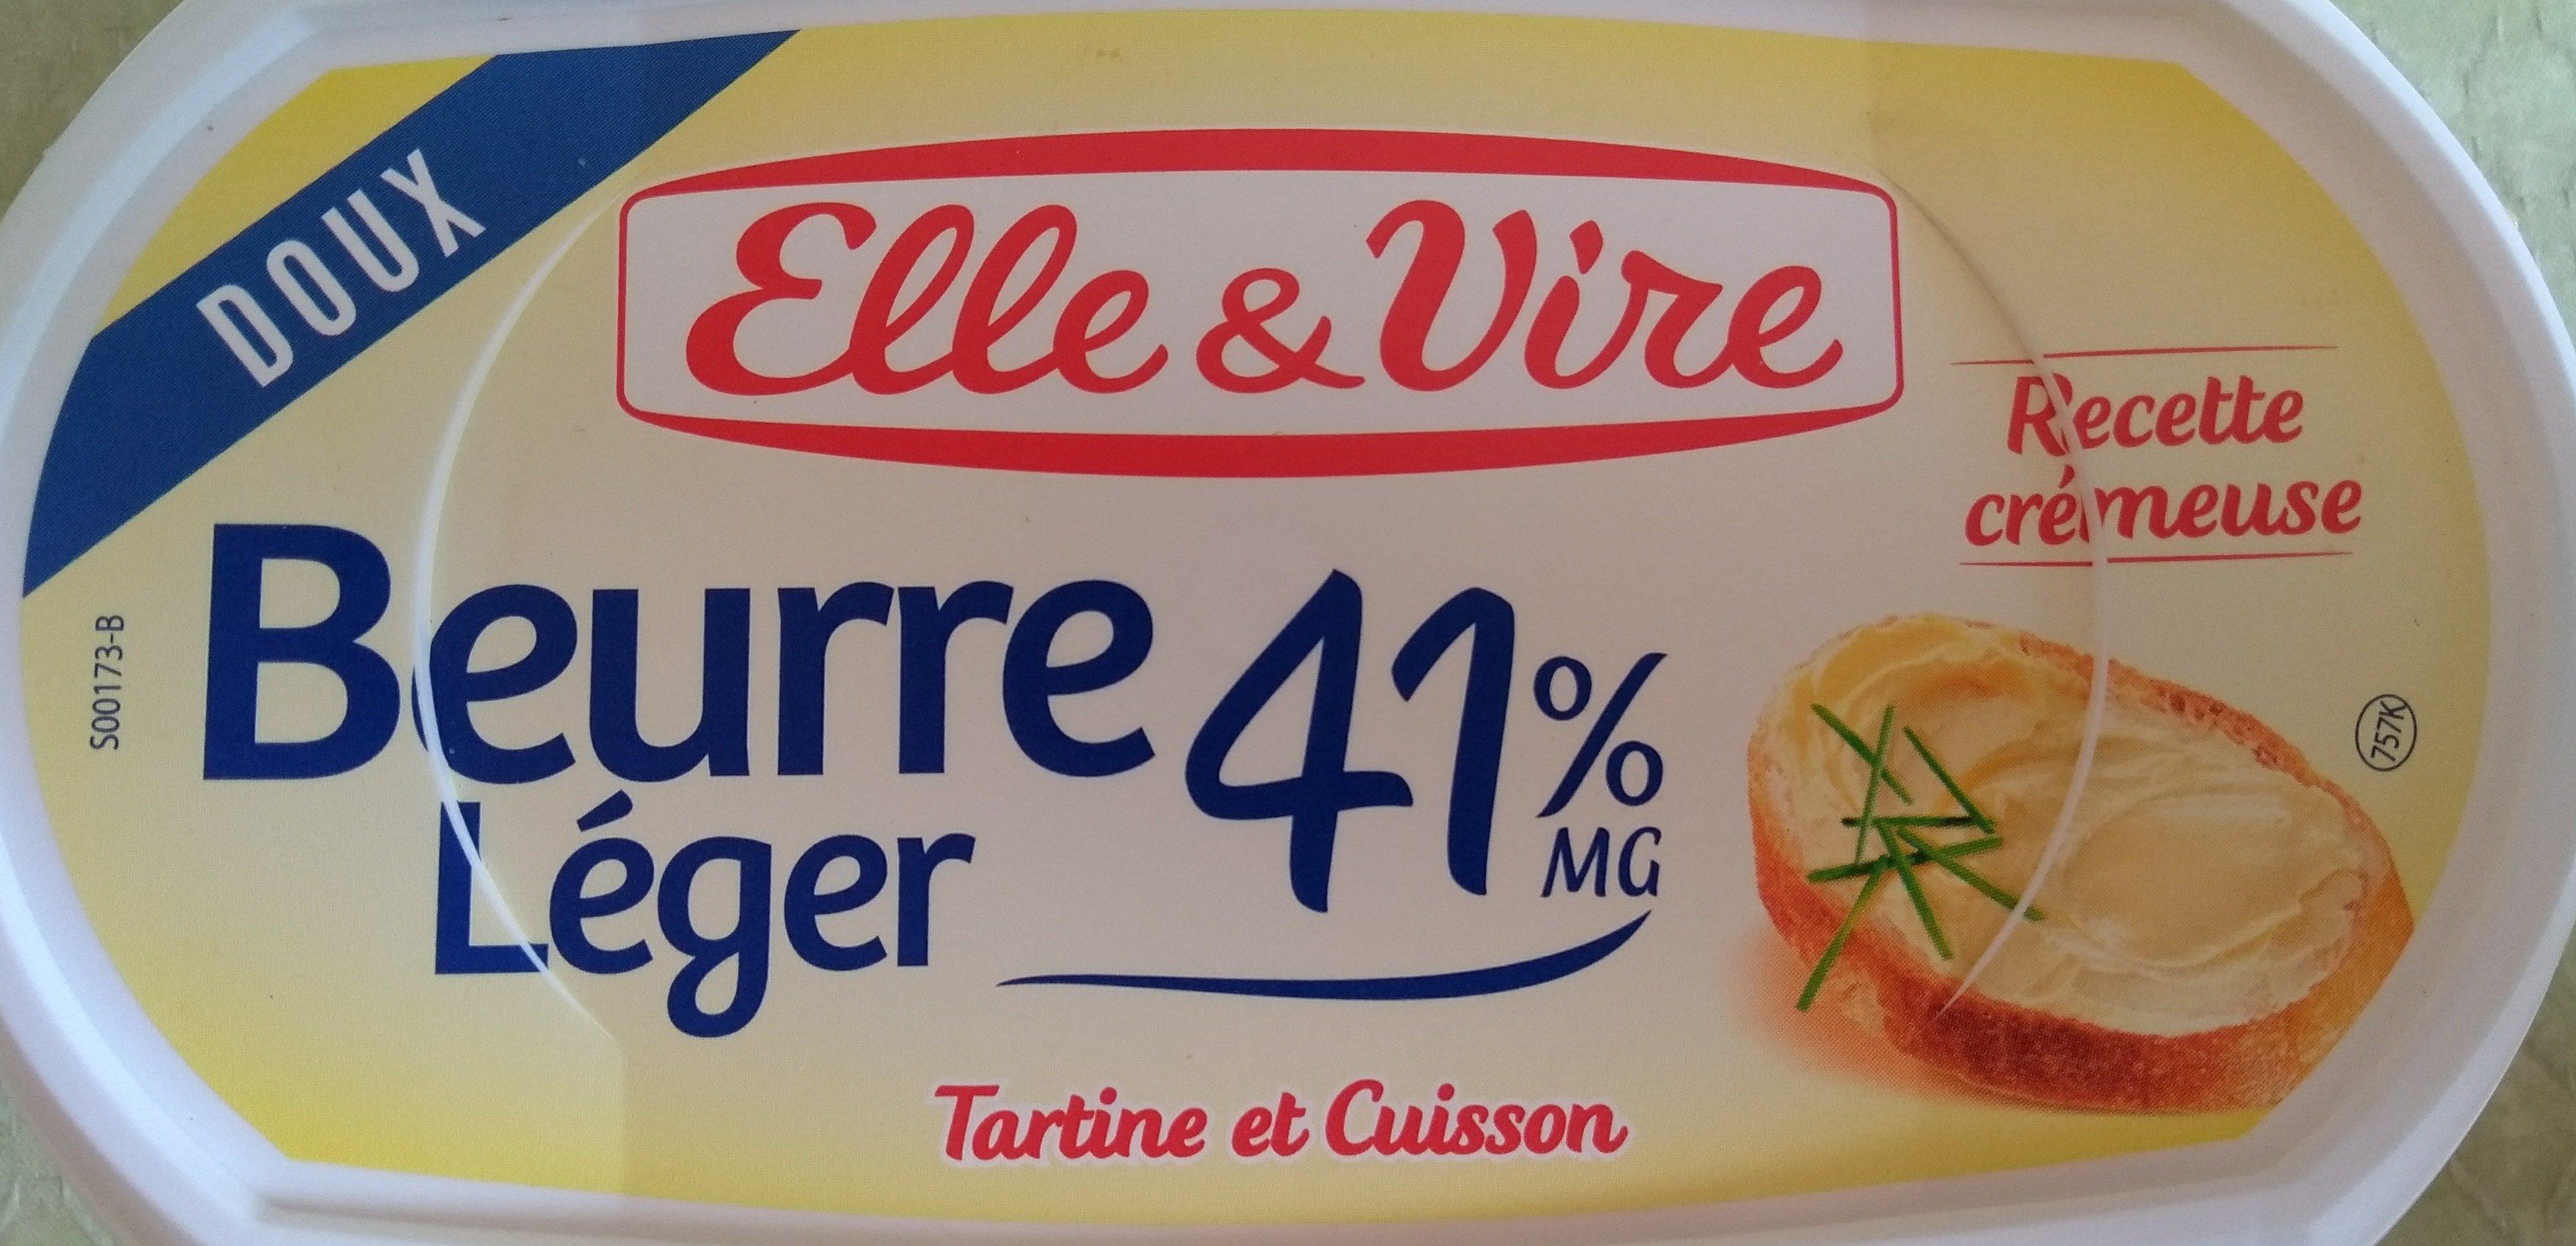 Beurre léger 41% - Product - fr